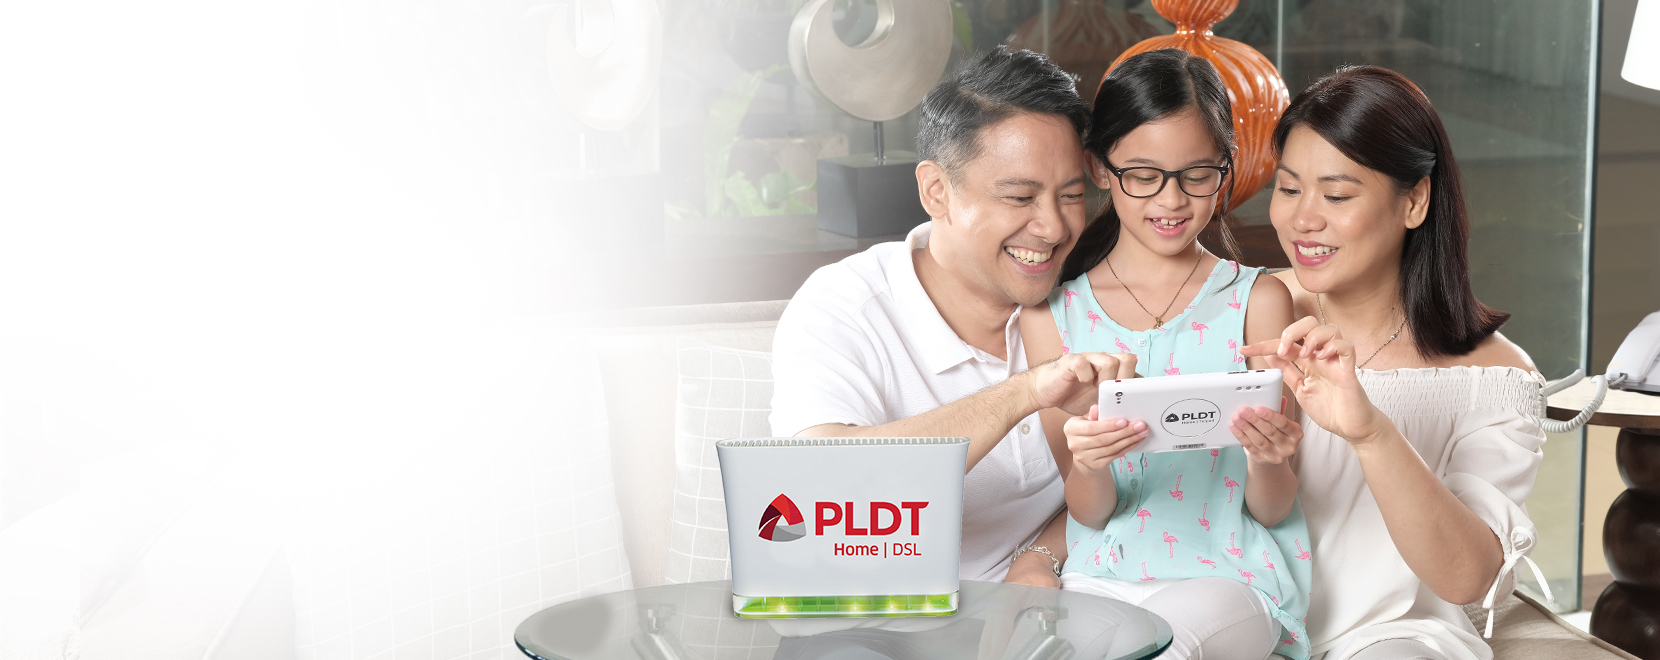 DSL Internet Connection - PLDT HOME